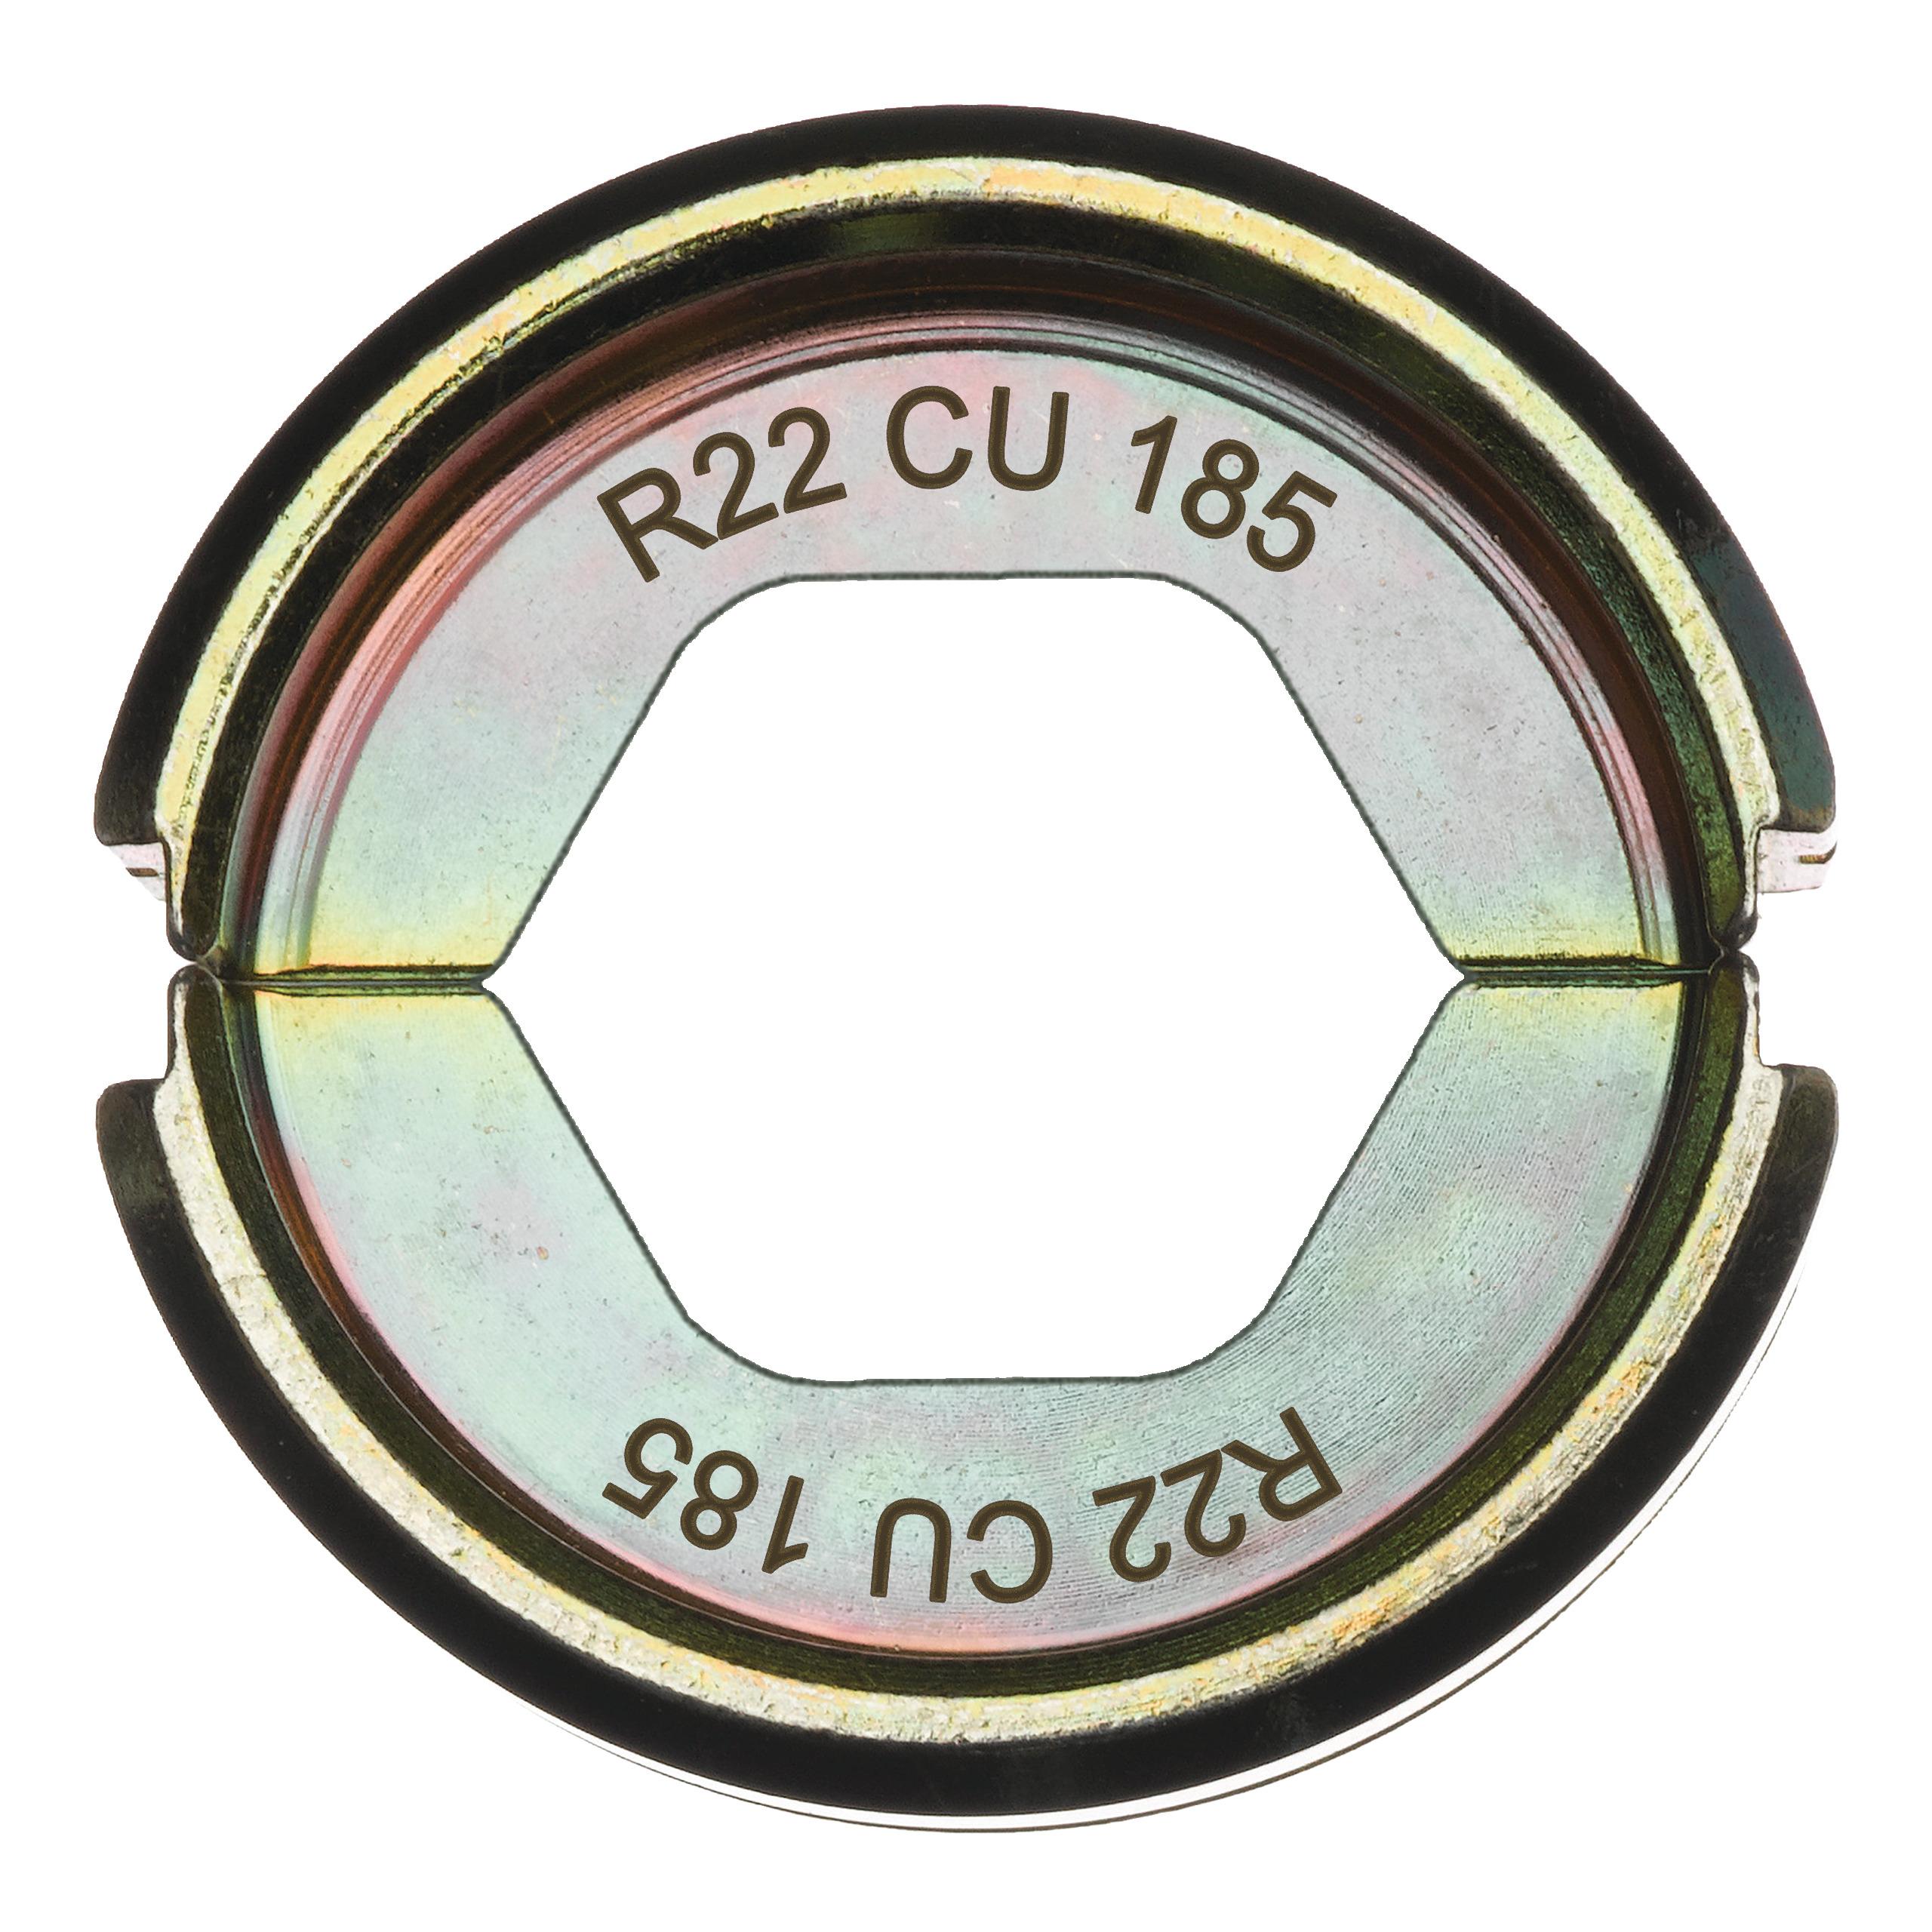 Krimpovací čelisti  R22 Cu 185